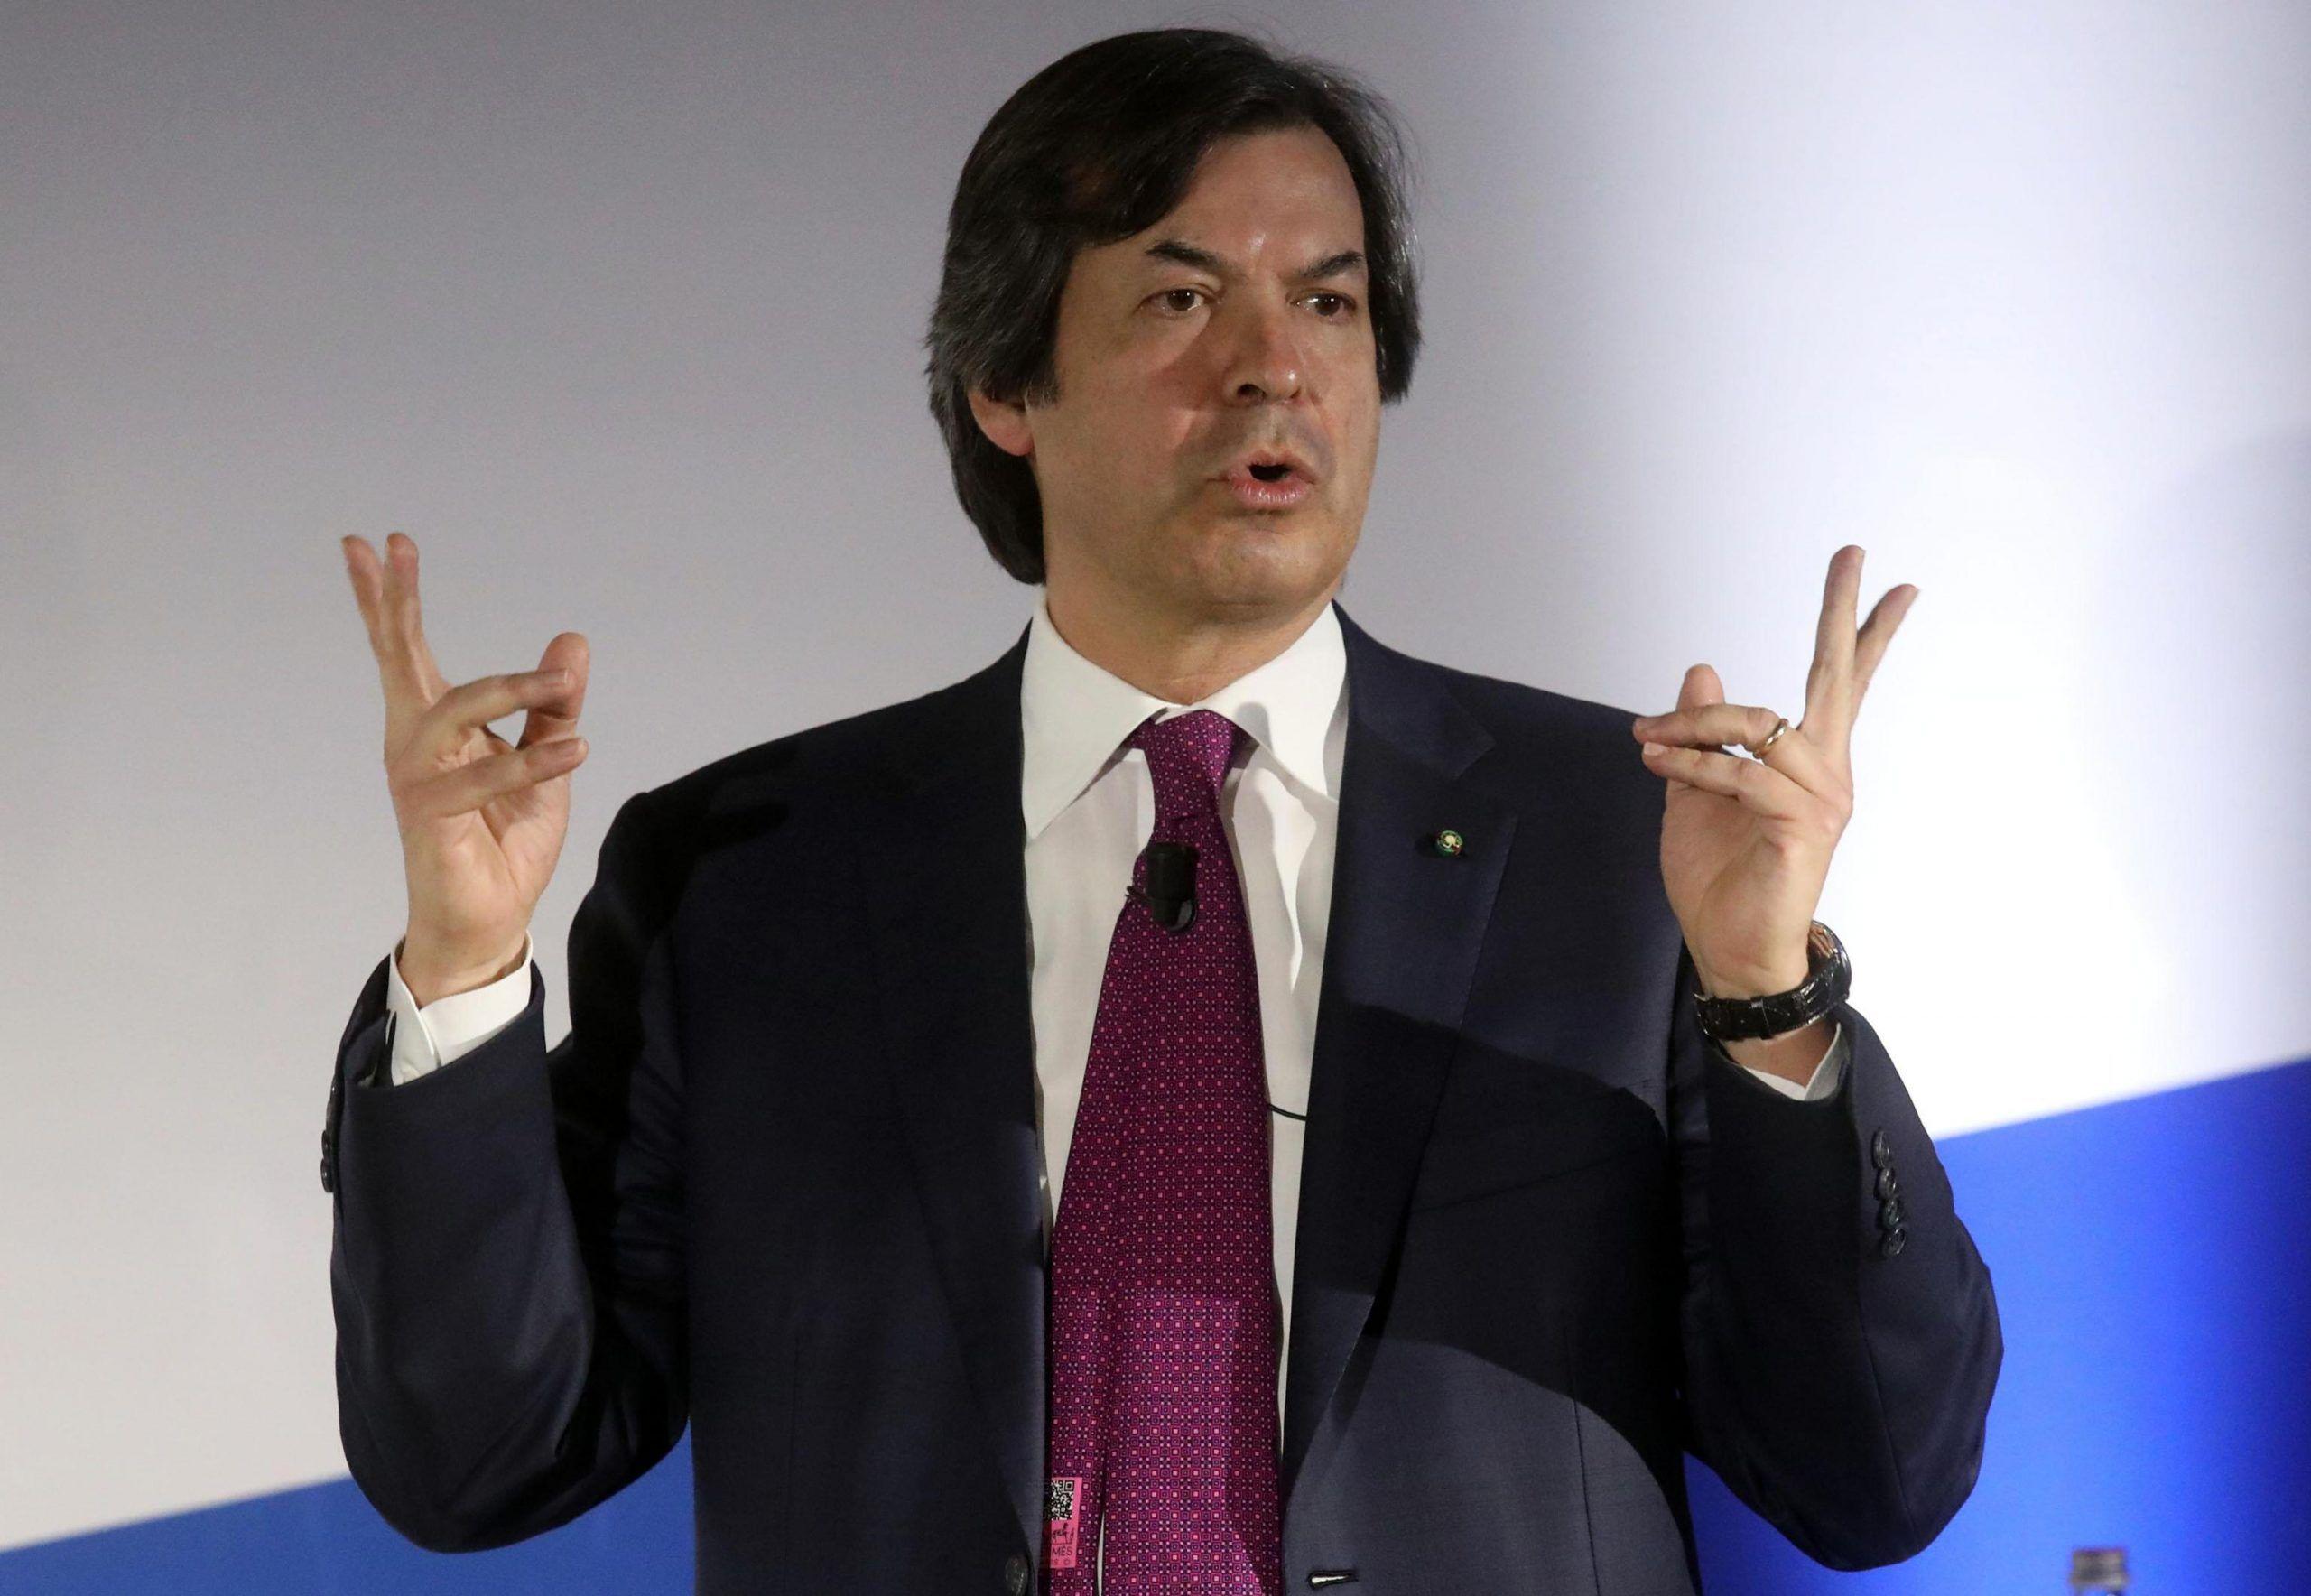 Progetti Intesa: 'Investiamo sui bisogni degli italiani a prescindere dai governi'